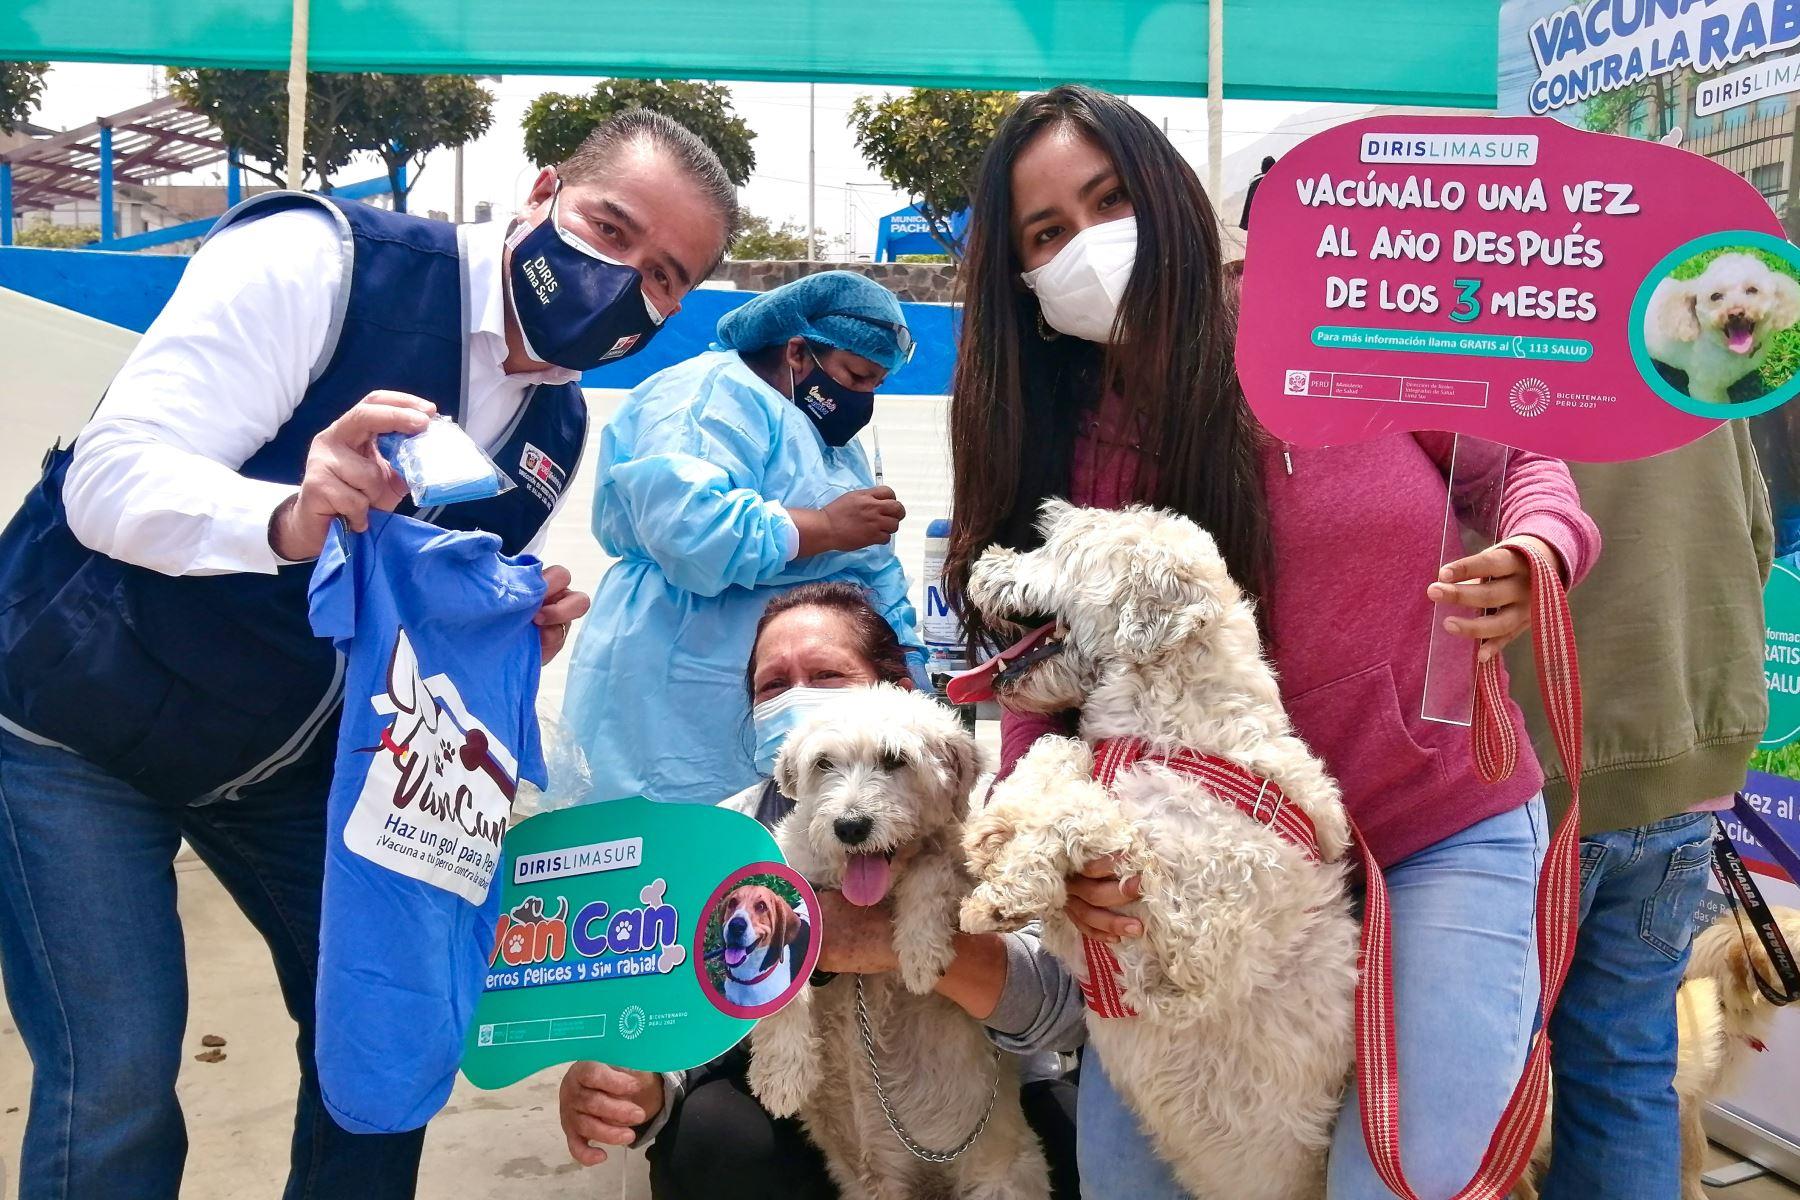 VanCan 2021: más de 52,000 canes fueron vacunados contra la rabia